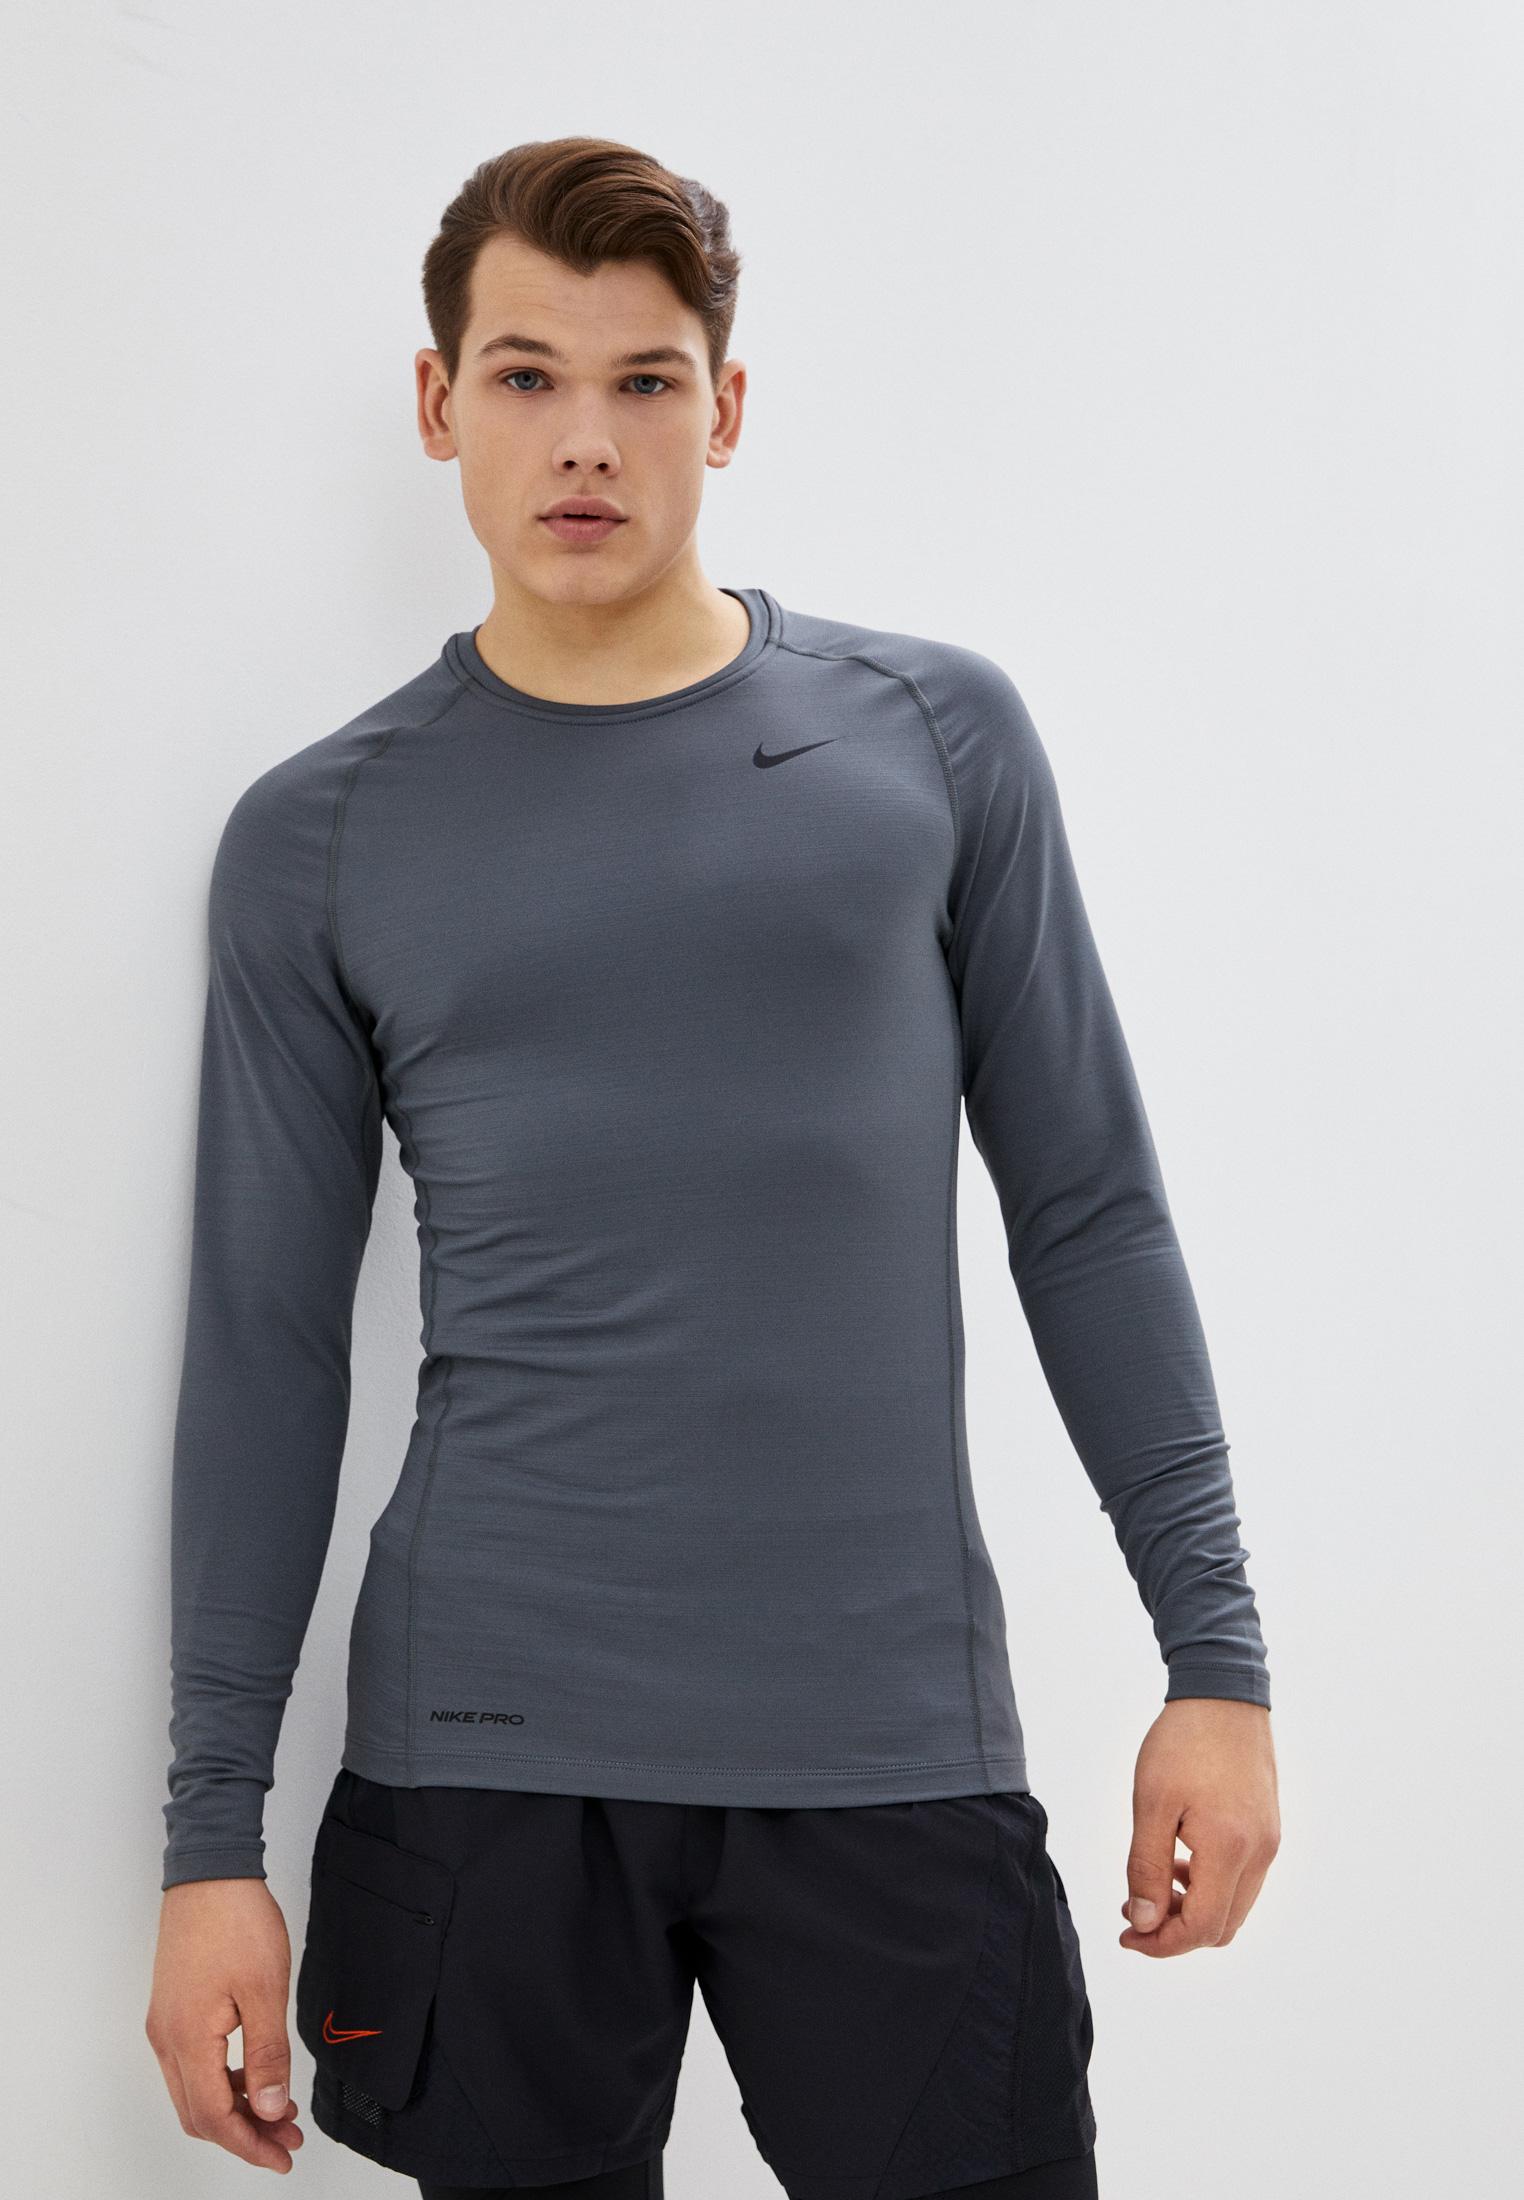 Лонгслив компрессионный Nike M NP TOP WARM LS CREW за 3 699 ₽. в интернет-магазине Lamoda.ru